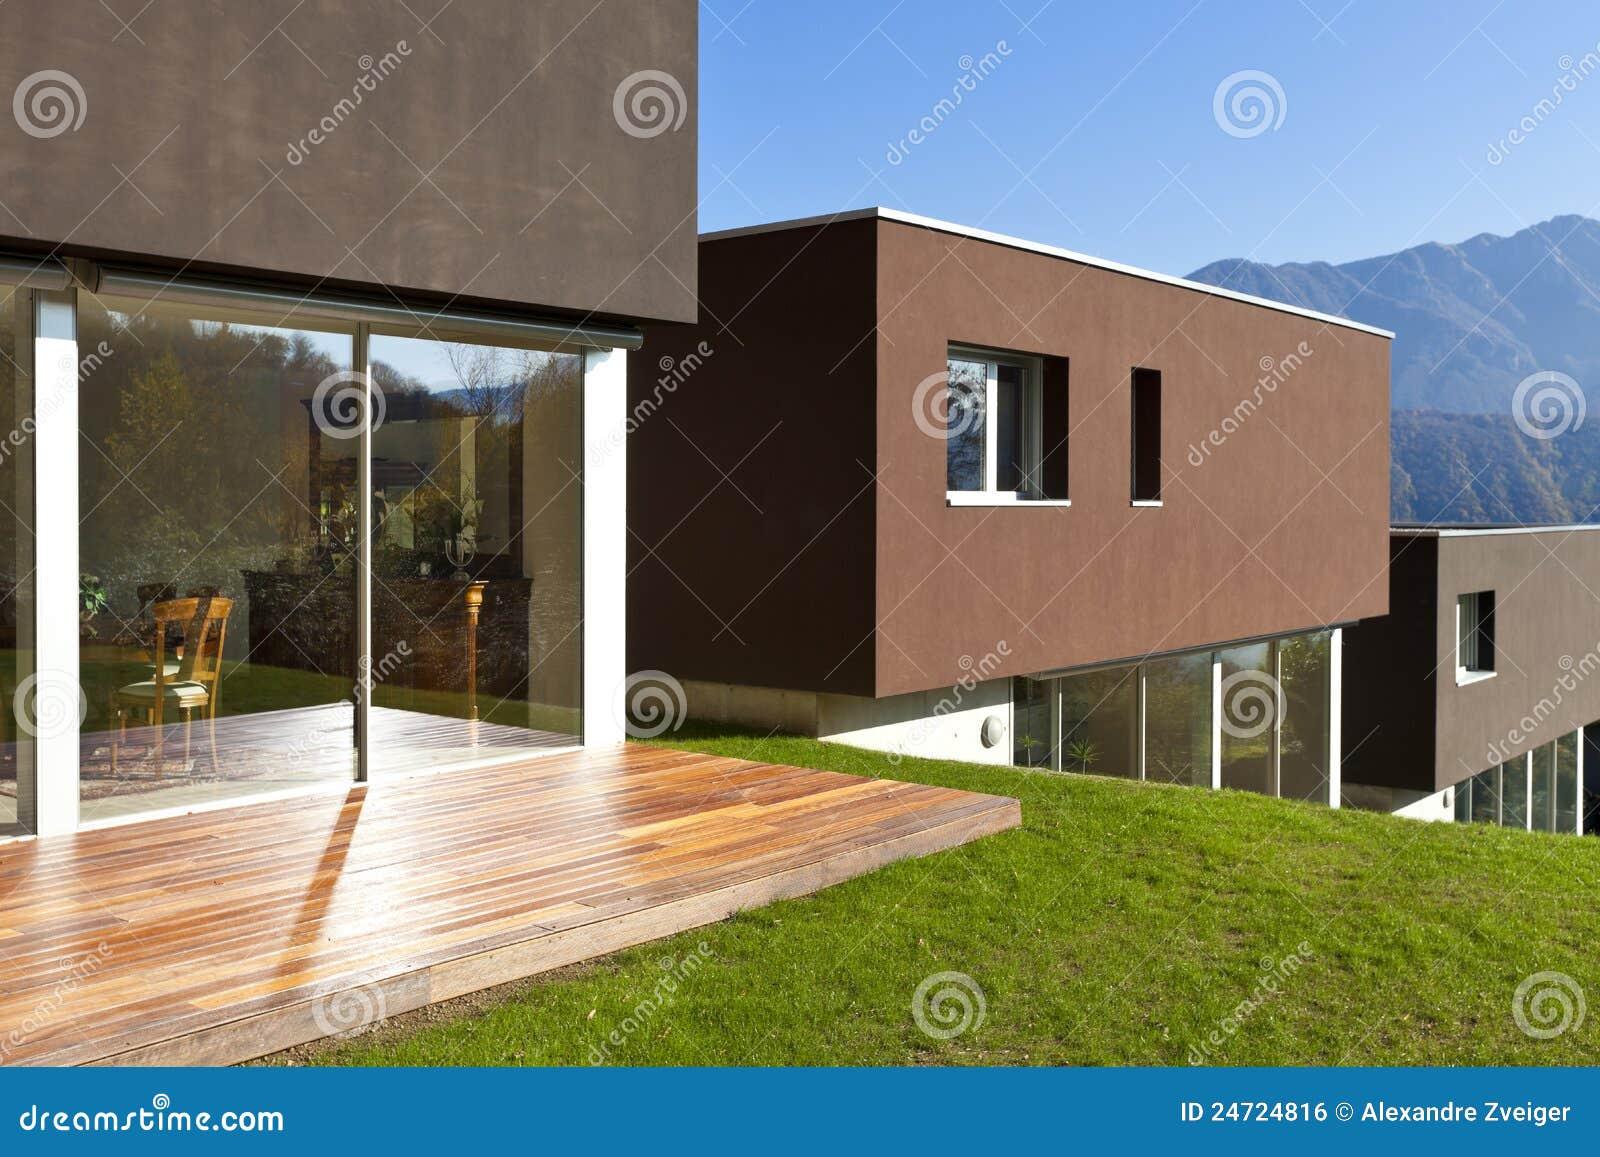 Case moderne immagine stock libera da diritti immagine - Case moderne immagini ...